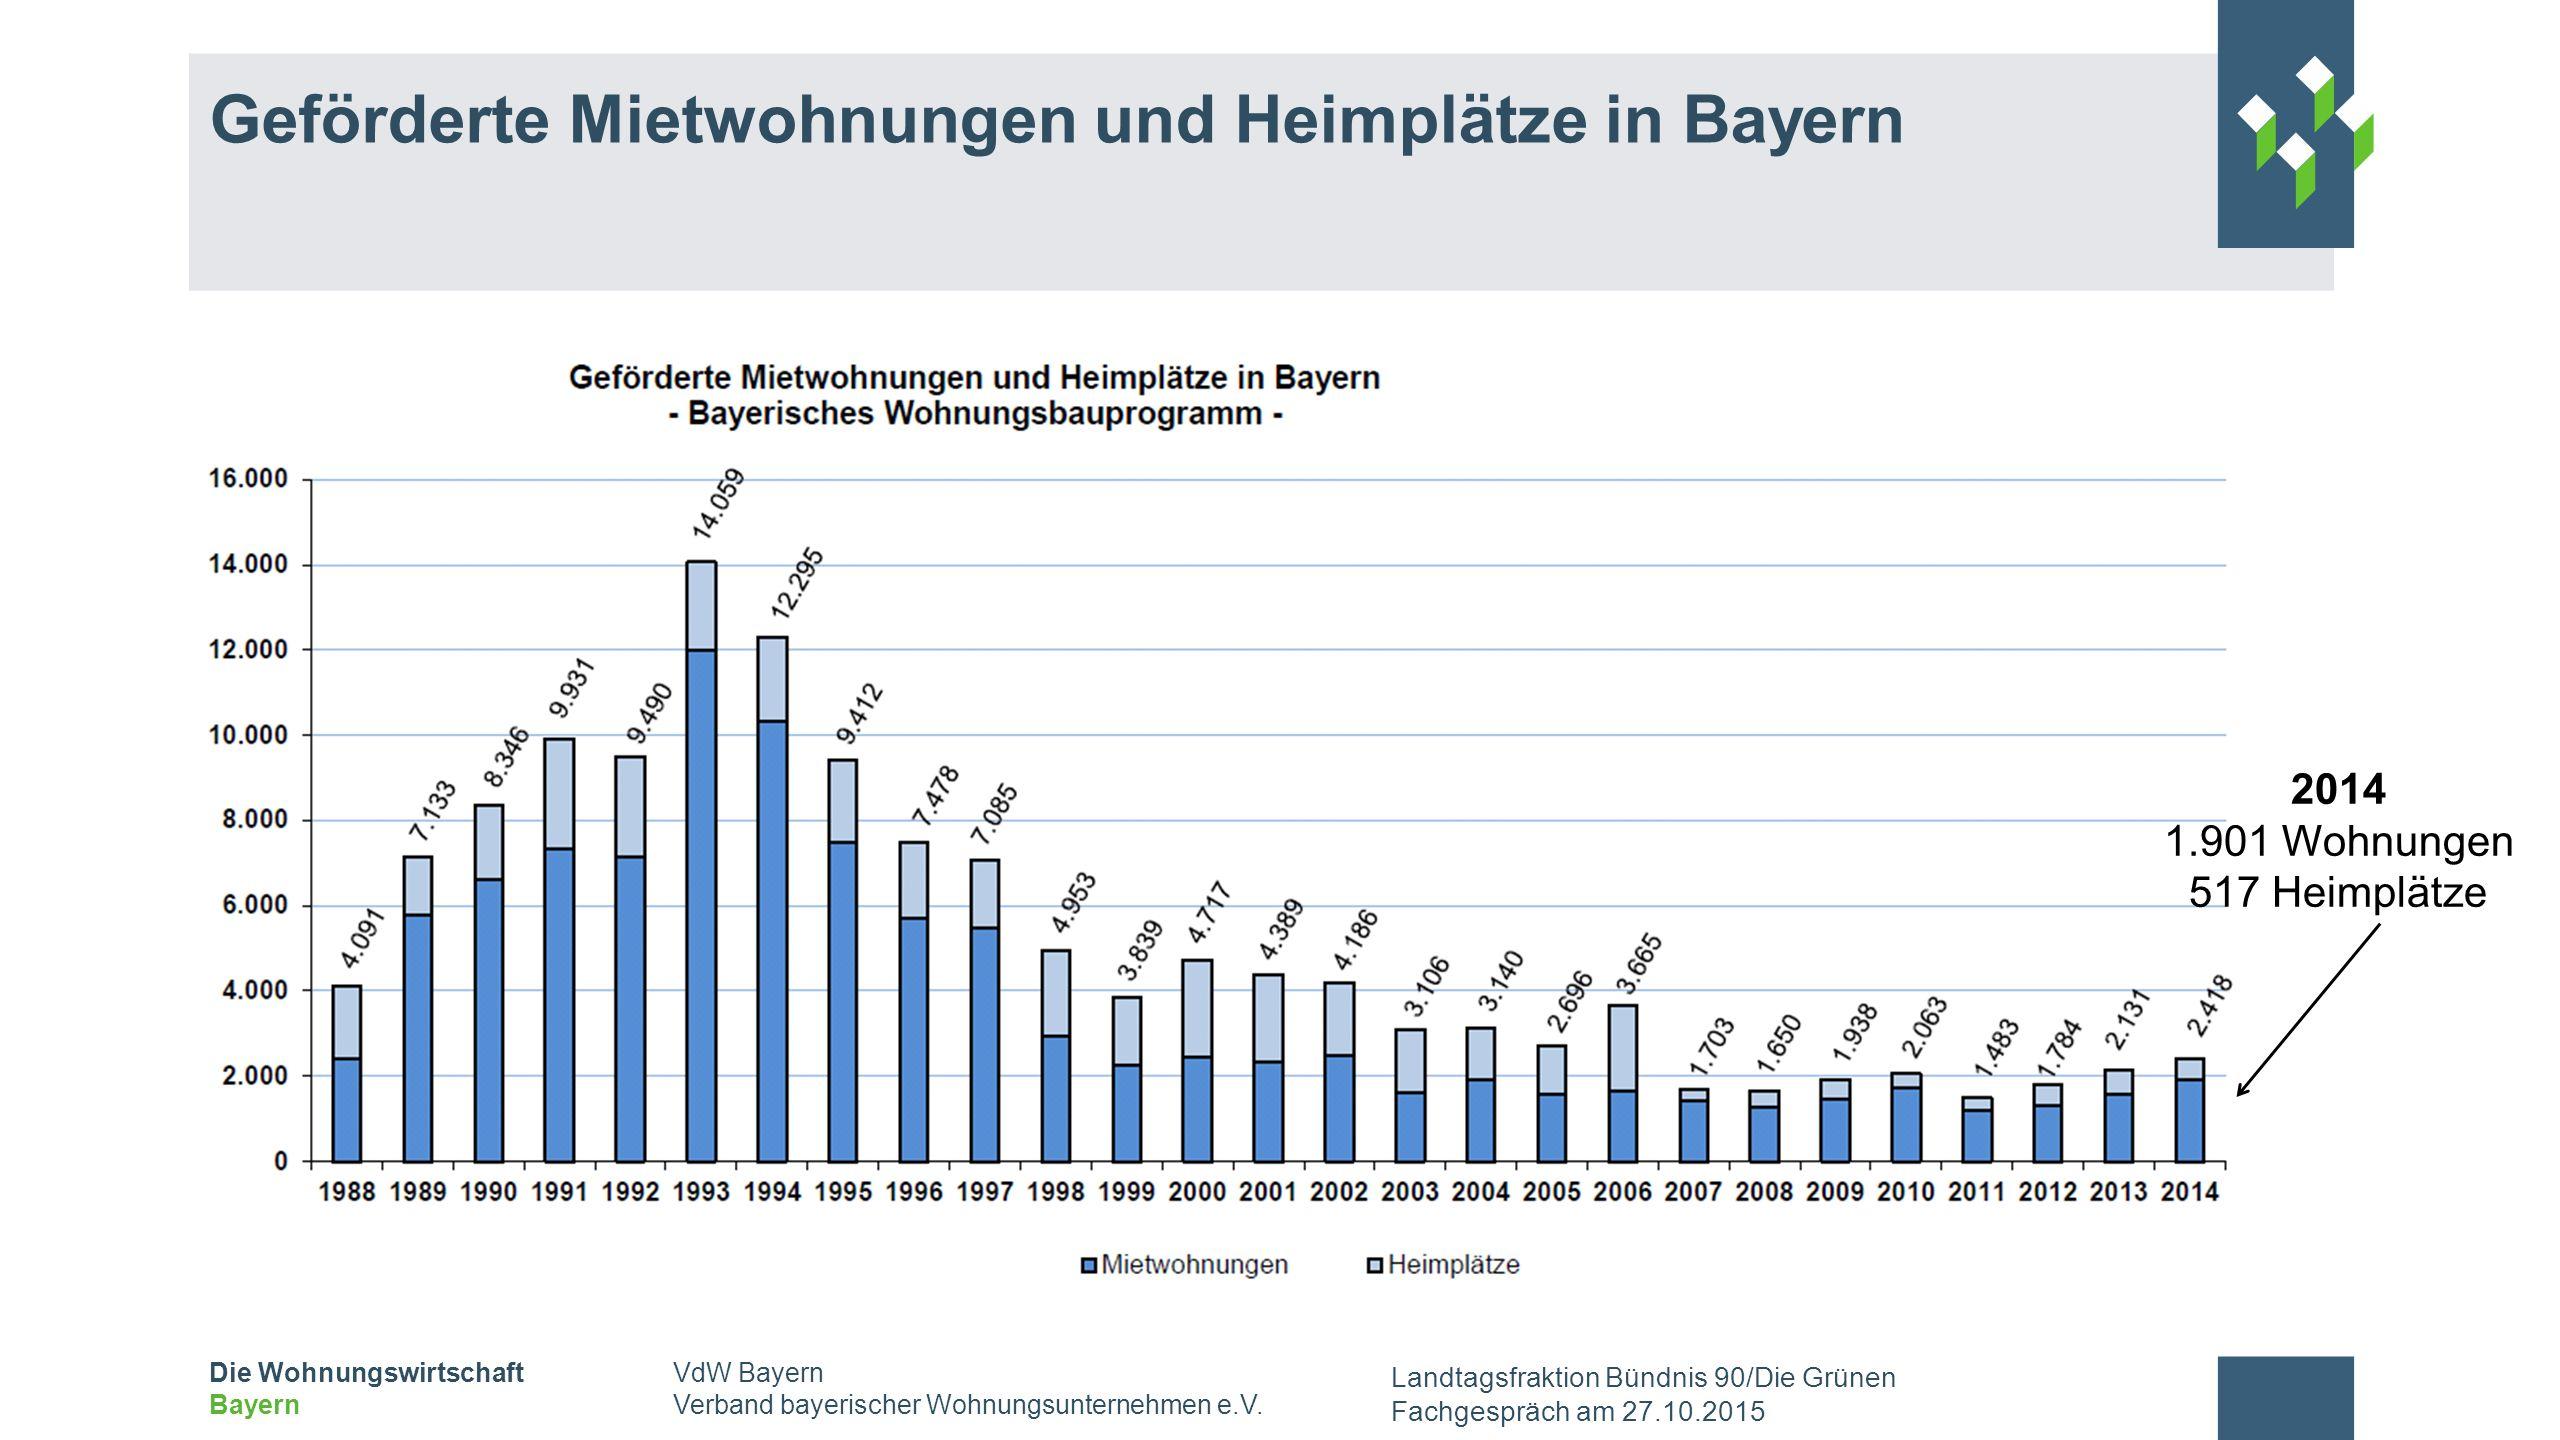 Geförderte Mietwohnungen und Heimplätze in Bayern